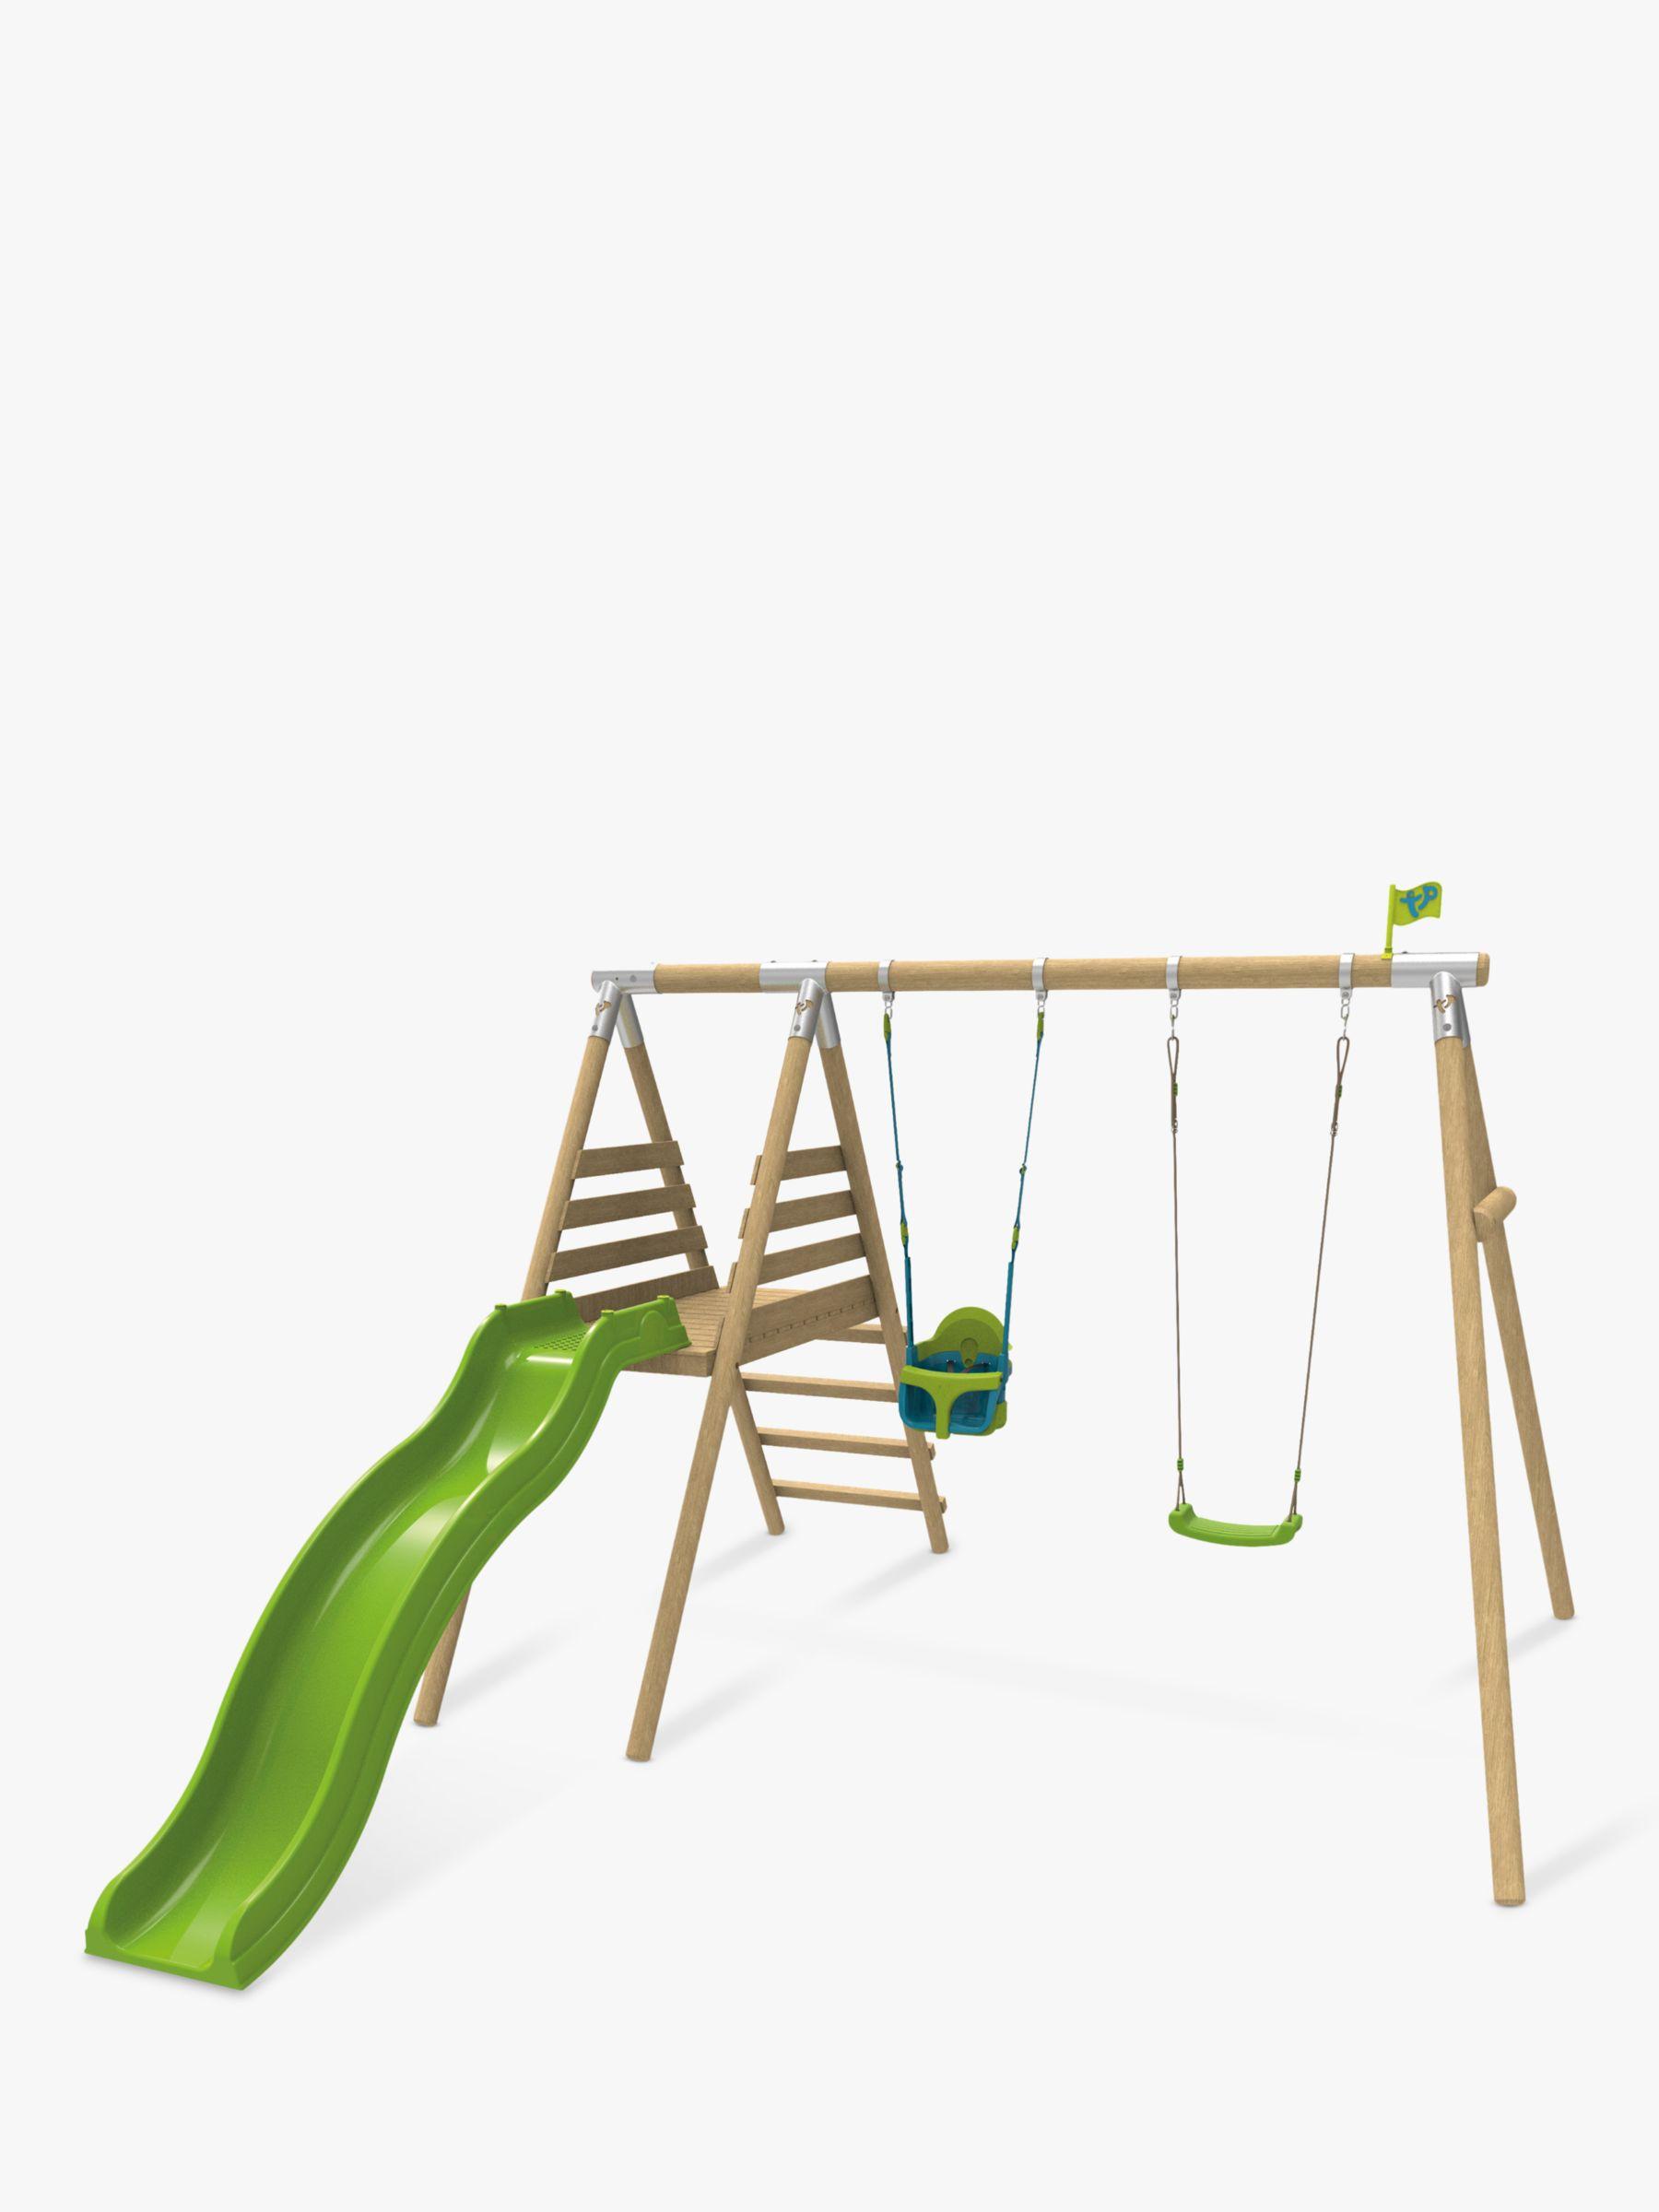 TP Toys TP Toys Alamo Swing Set